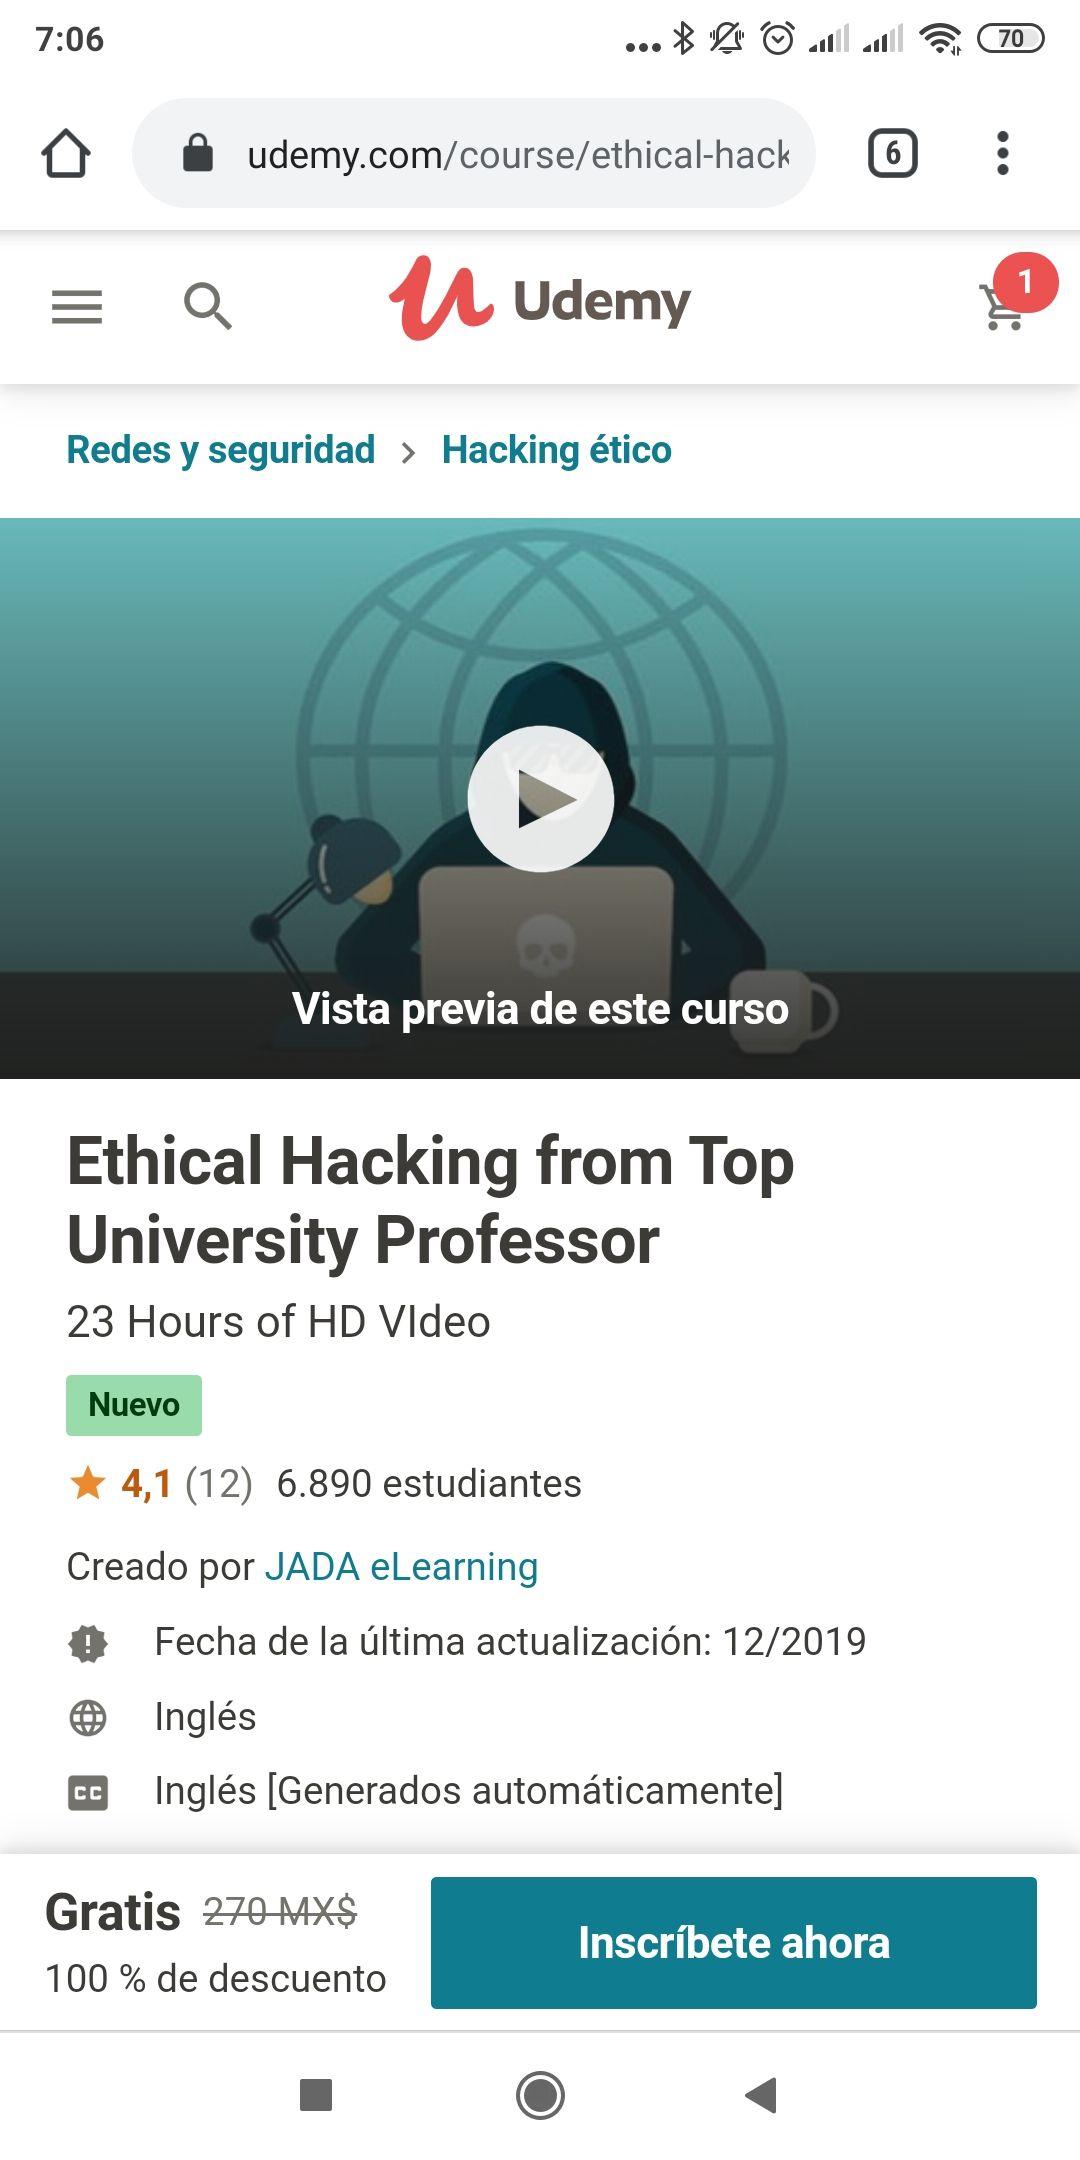 Udemy; Curso de hacking ético gratis